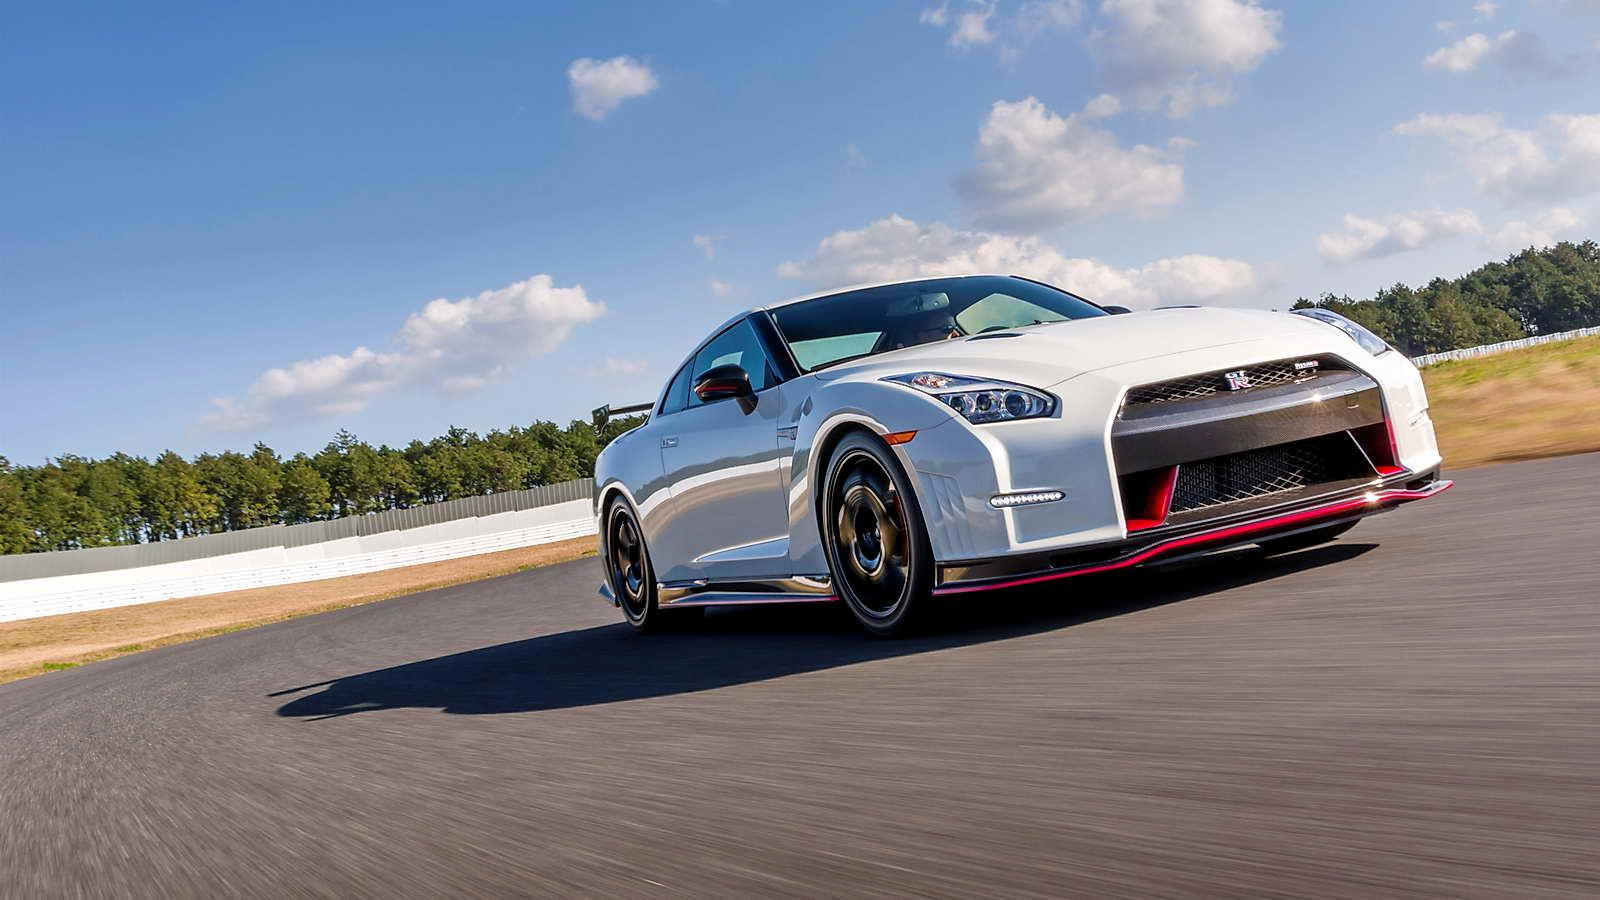 El Nissan GT-R Nismo debutará en el Salón de Ginebra